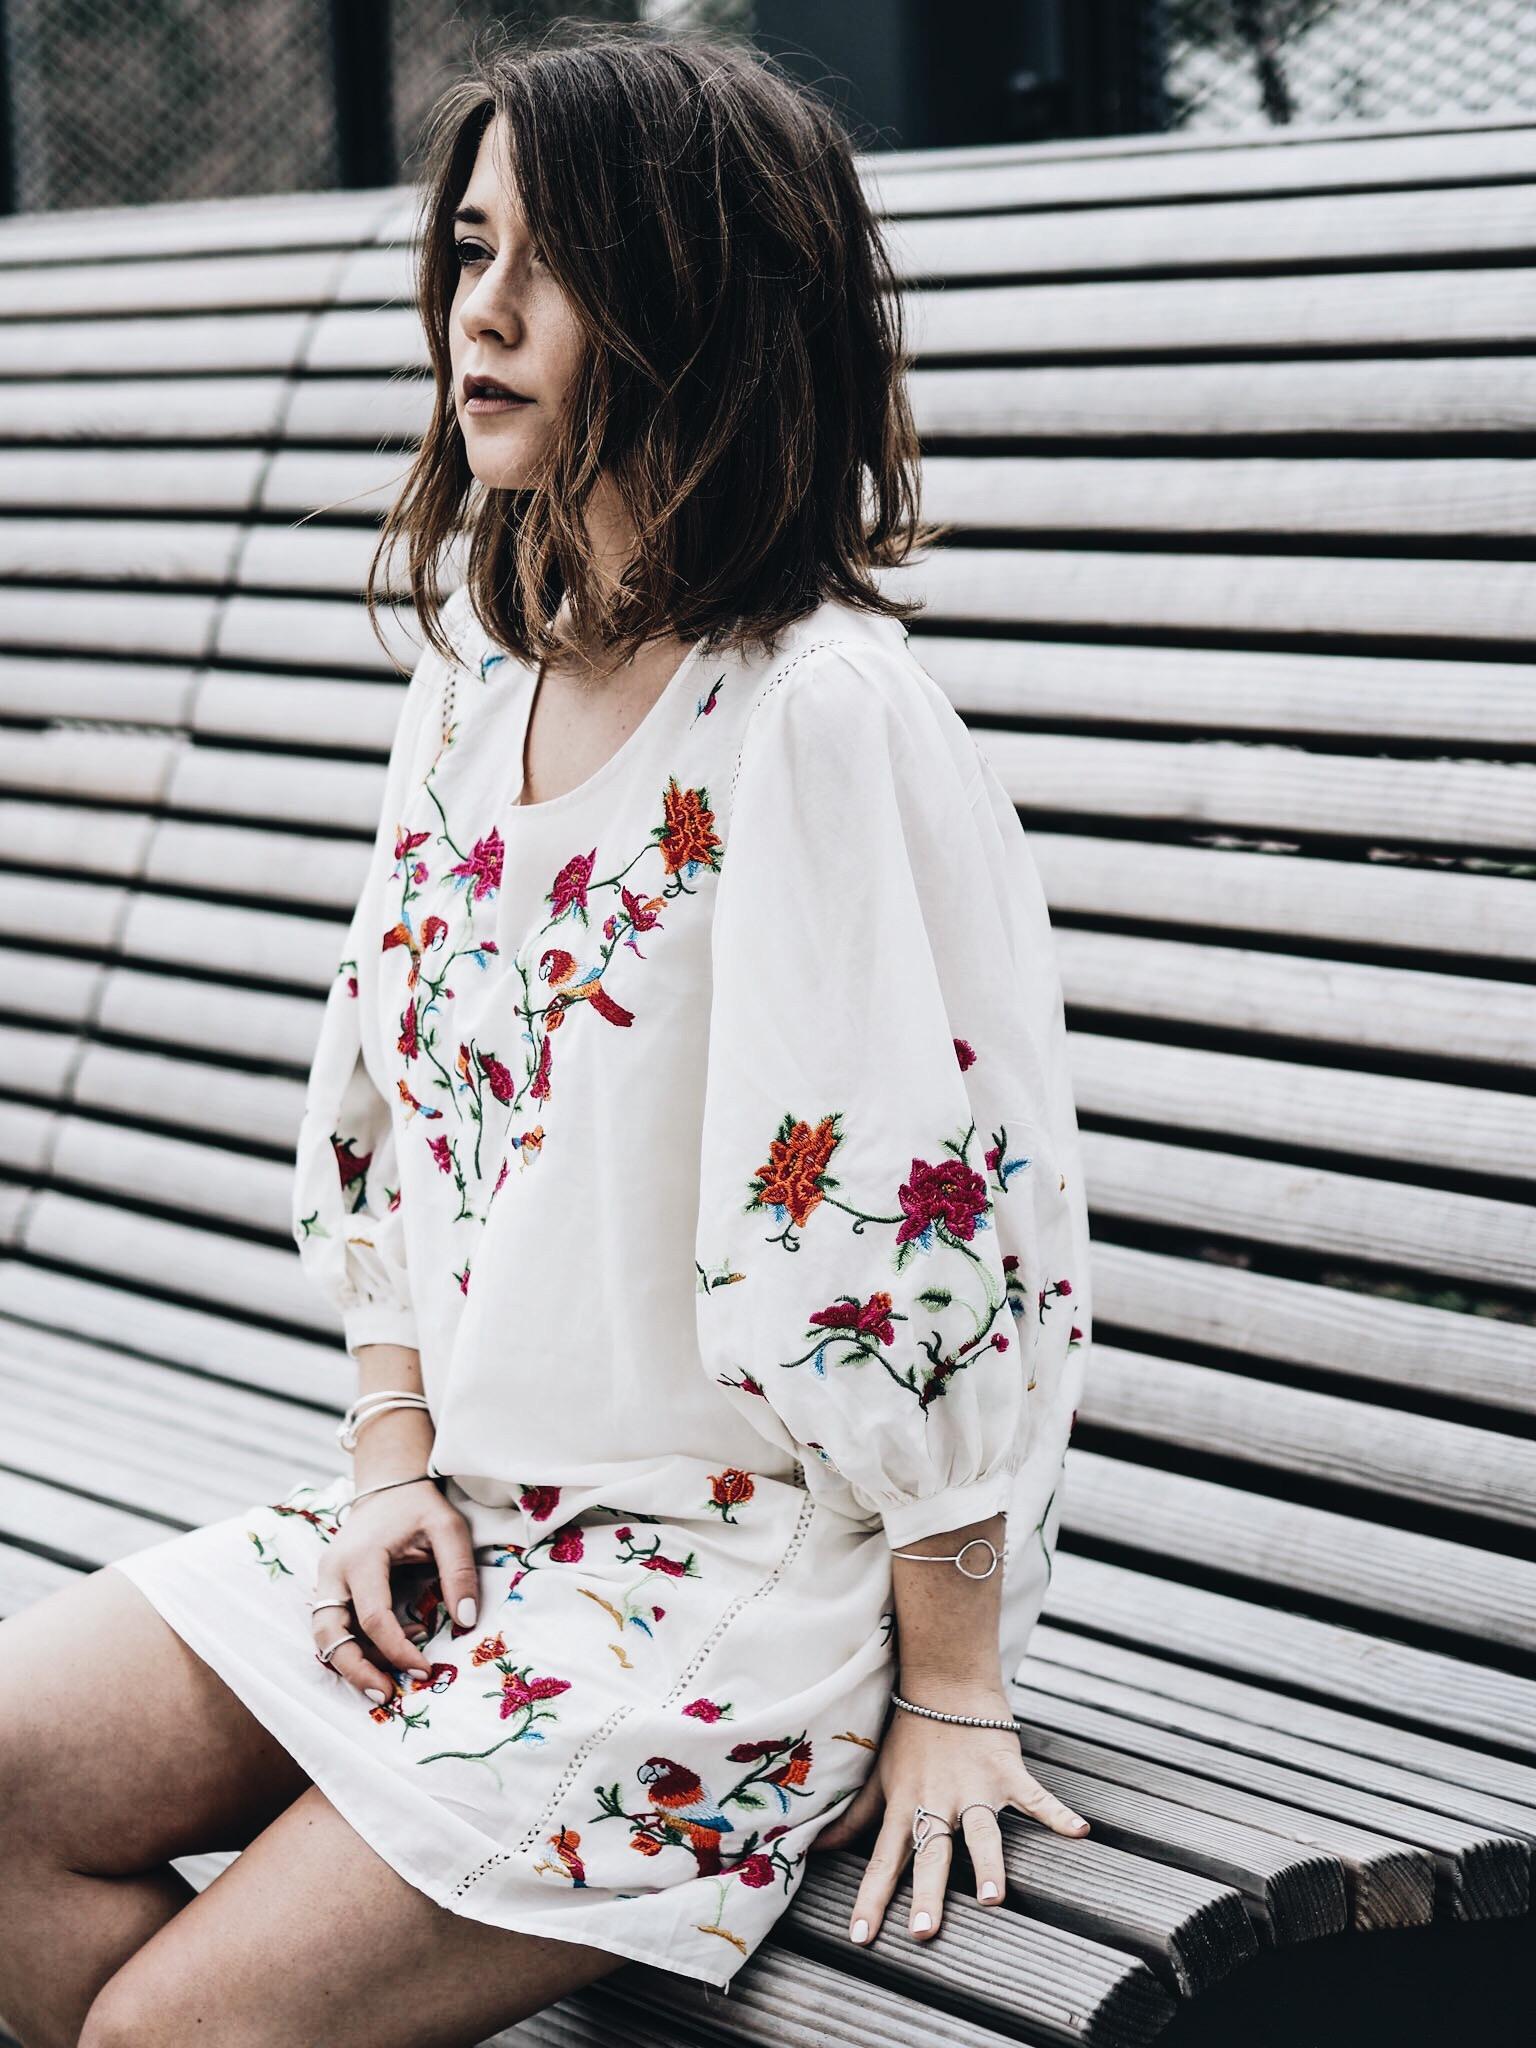 Großartig Zara Abend Kleider Bester PreisDesigner Schön Zara Abend Kleider Design